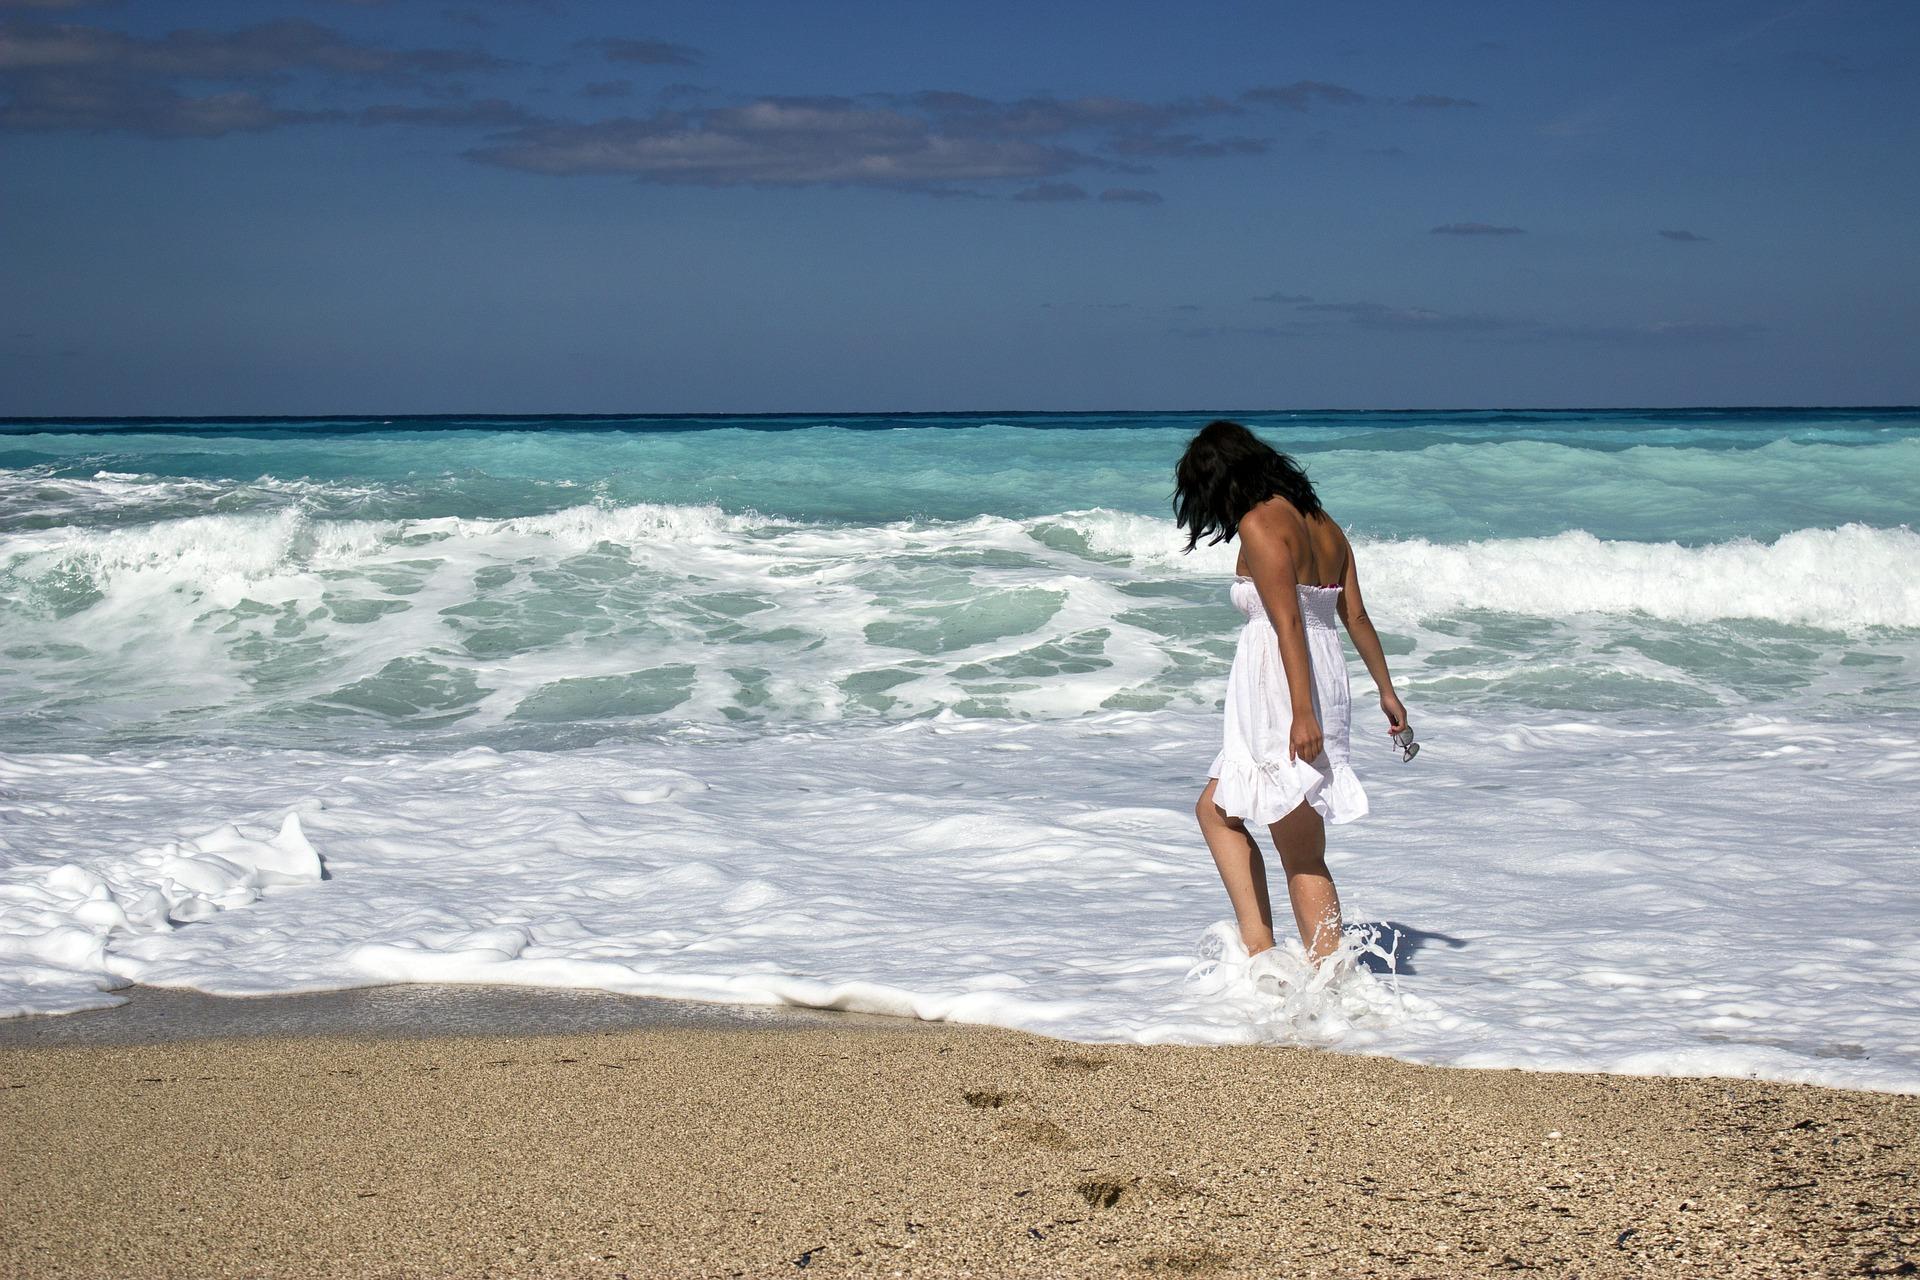 鬱になるのは正常かも?海外長期滞在でやって来る心理的4つのステージの洗礼